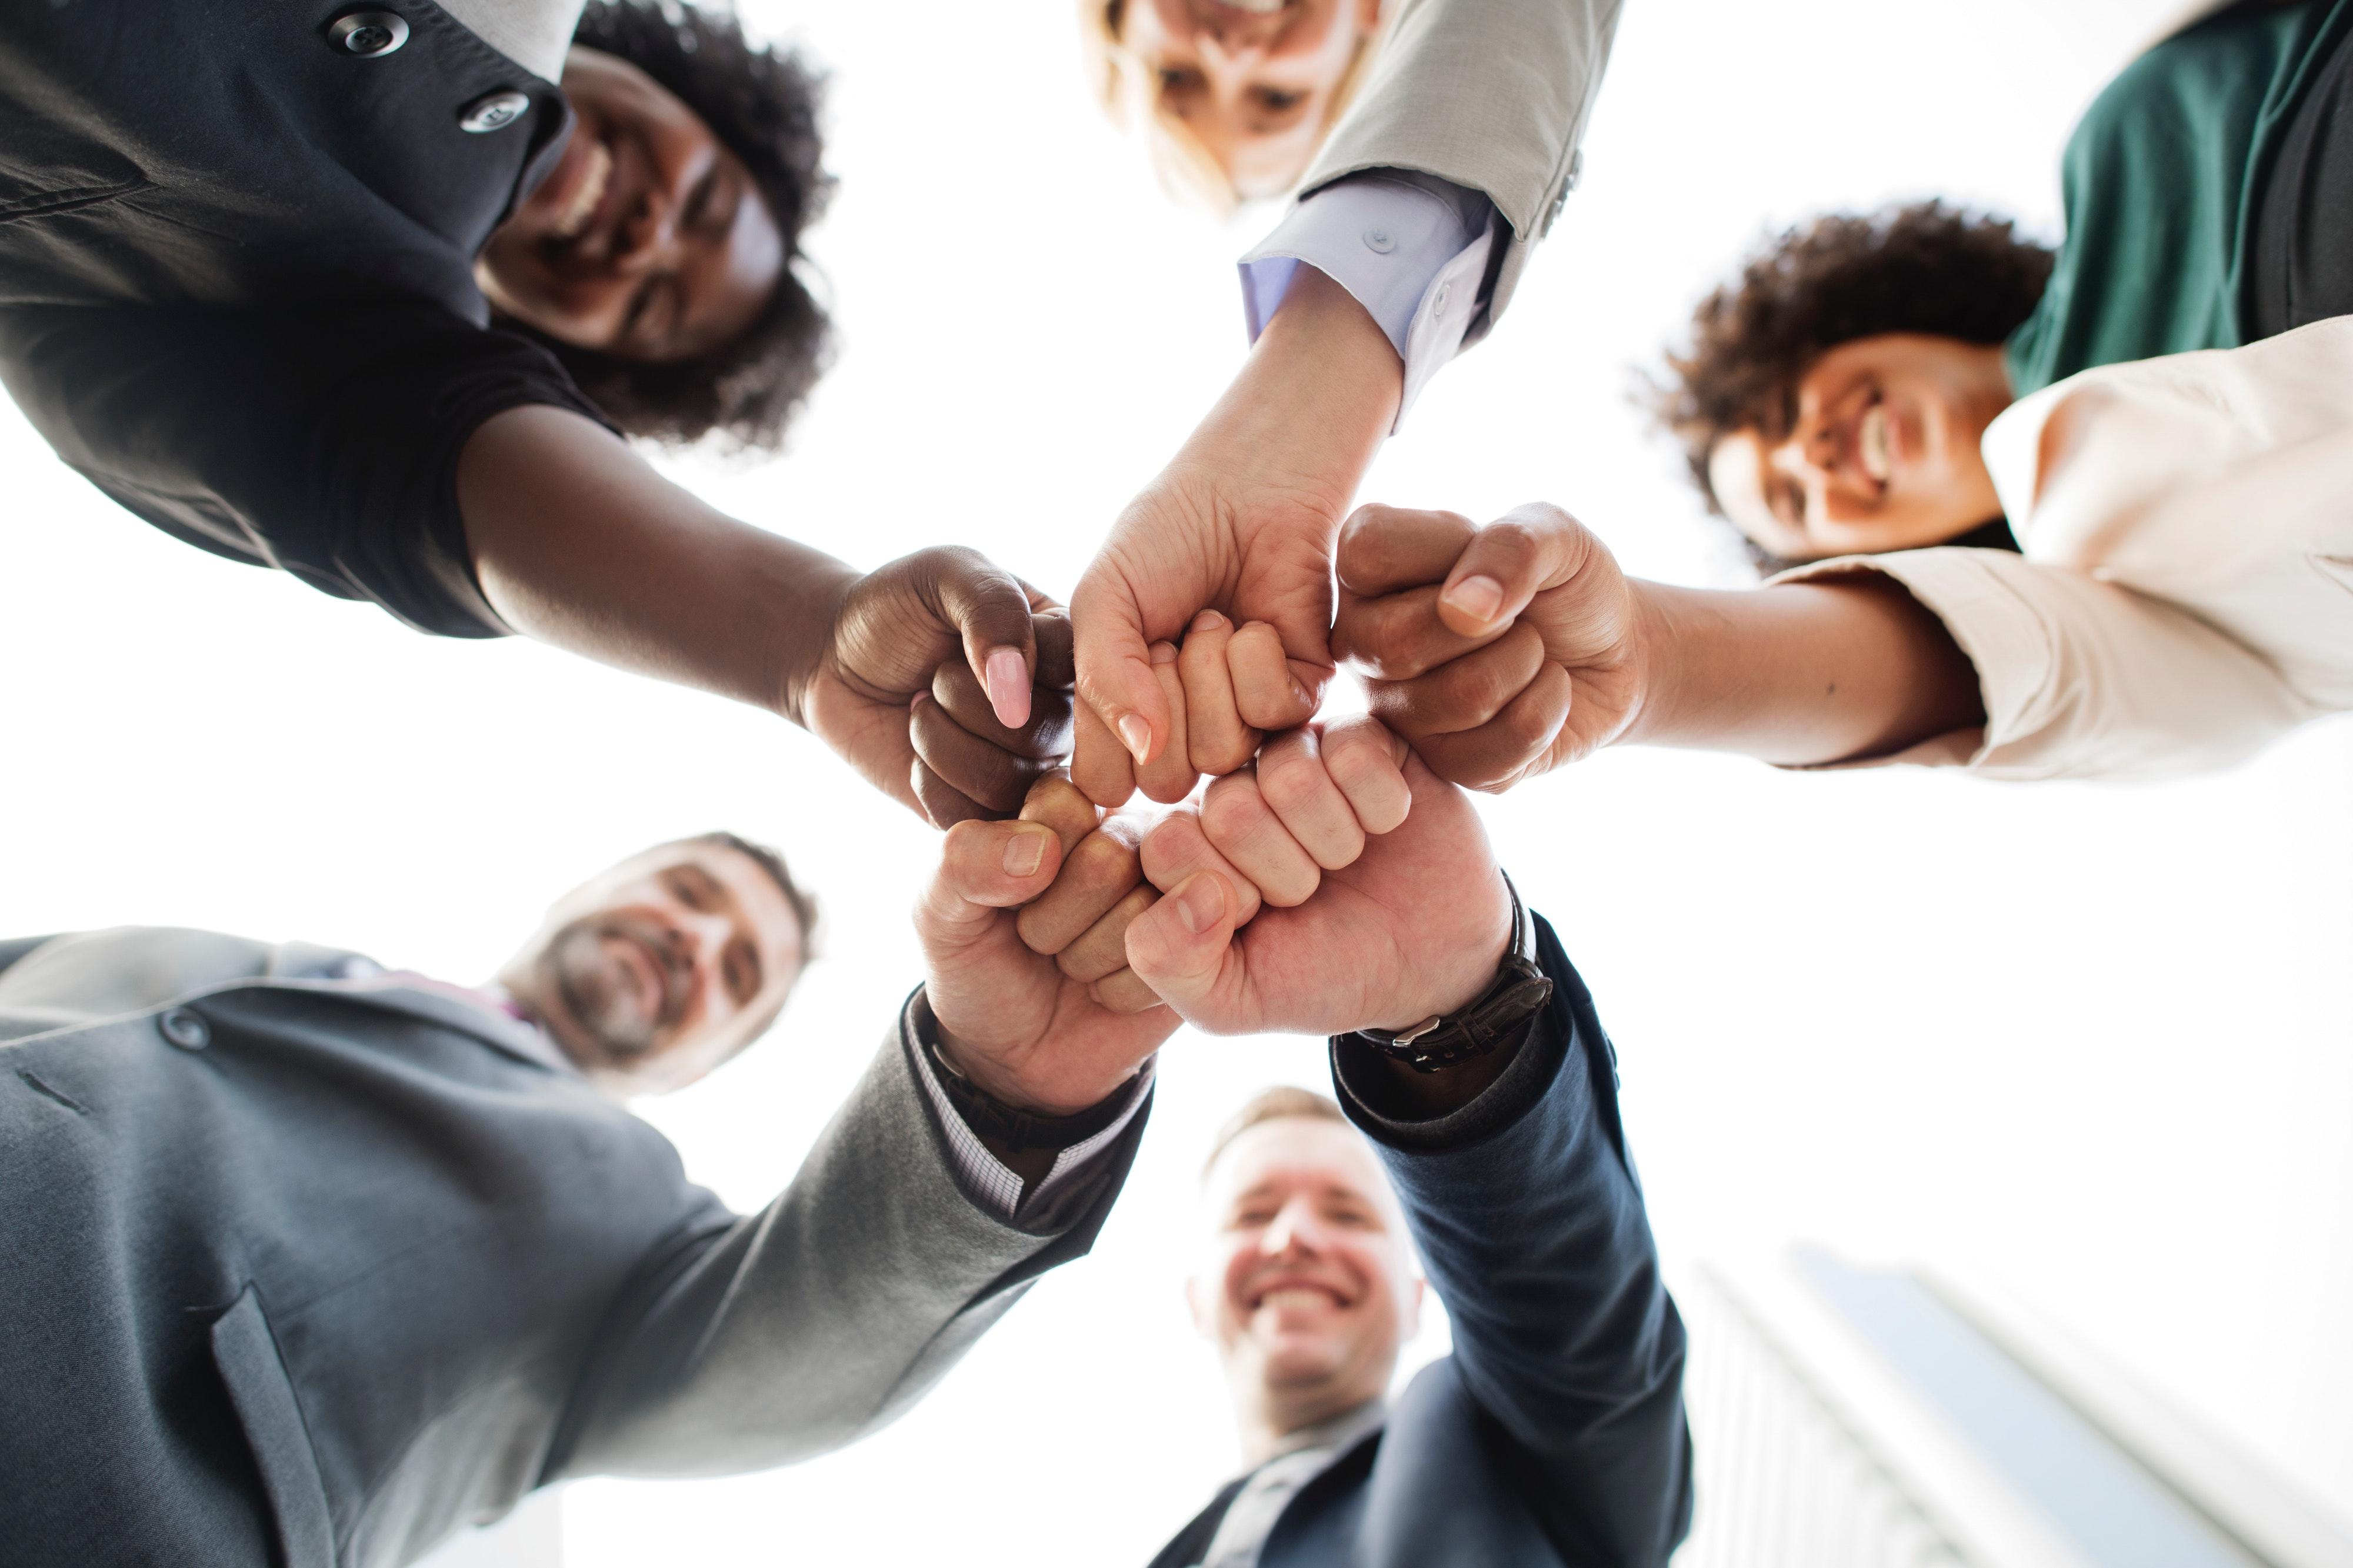 IDEIS-ideis-management-cabinet-formation-formations-conseil-consulting-coaching-accompagnement-communication-rennes-paris-organisme-certifie-certifié-qualite-qualité-apprendre-se-former-distance-digital-manager-managers-équipe-equipe-equipes-team-humain-ressources-humaines-ressource-capital-mbti-pcm-inventaire-de-personnalite-process-communication-vente-negociation-négociation-relation-client-stratégie-manager-développement-personnel